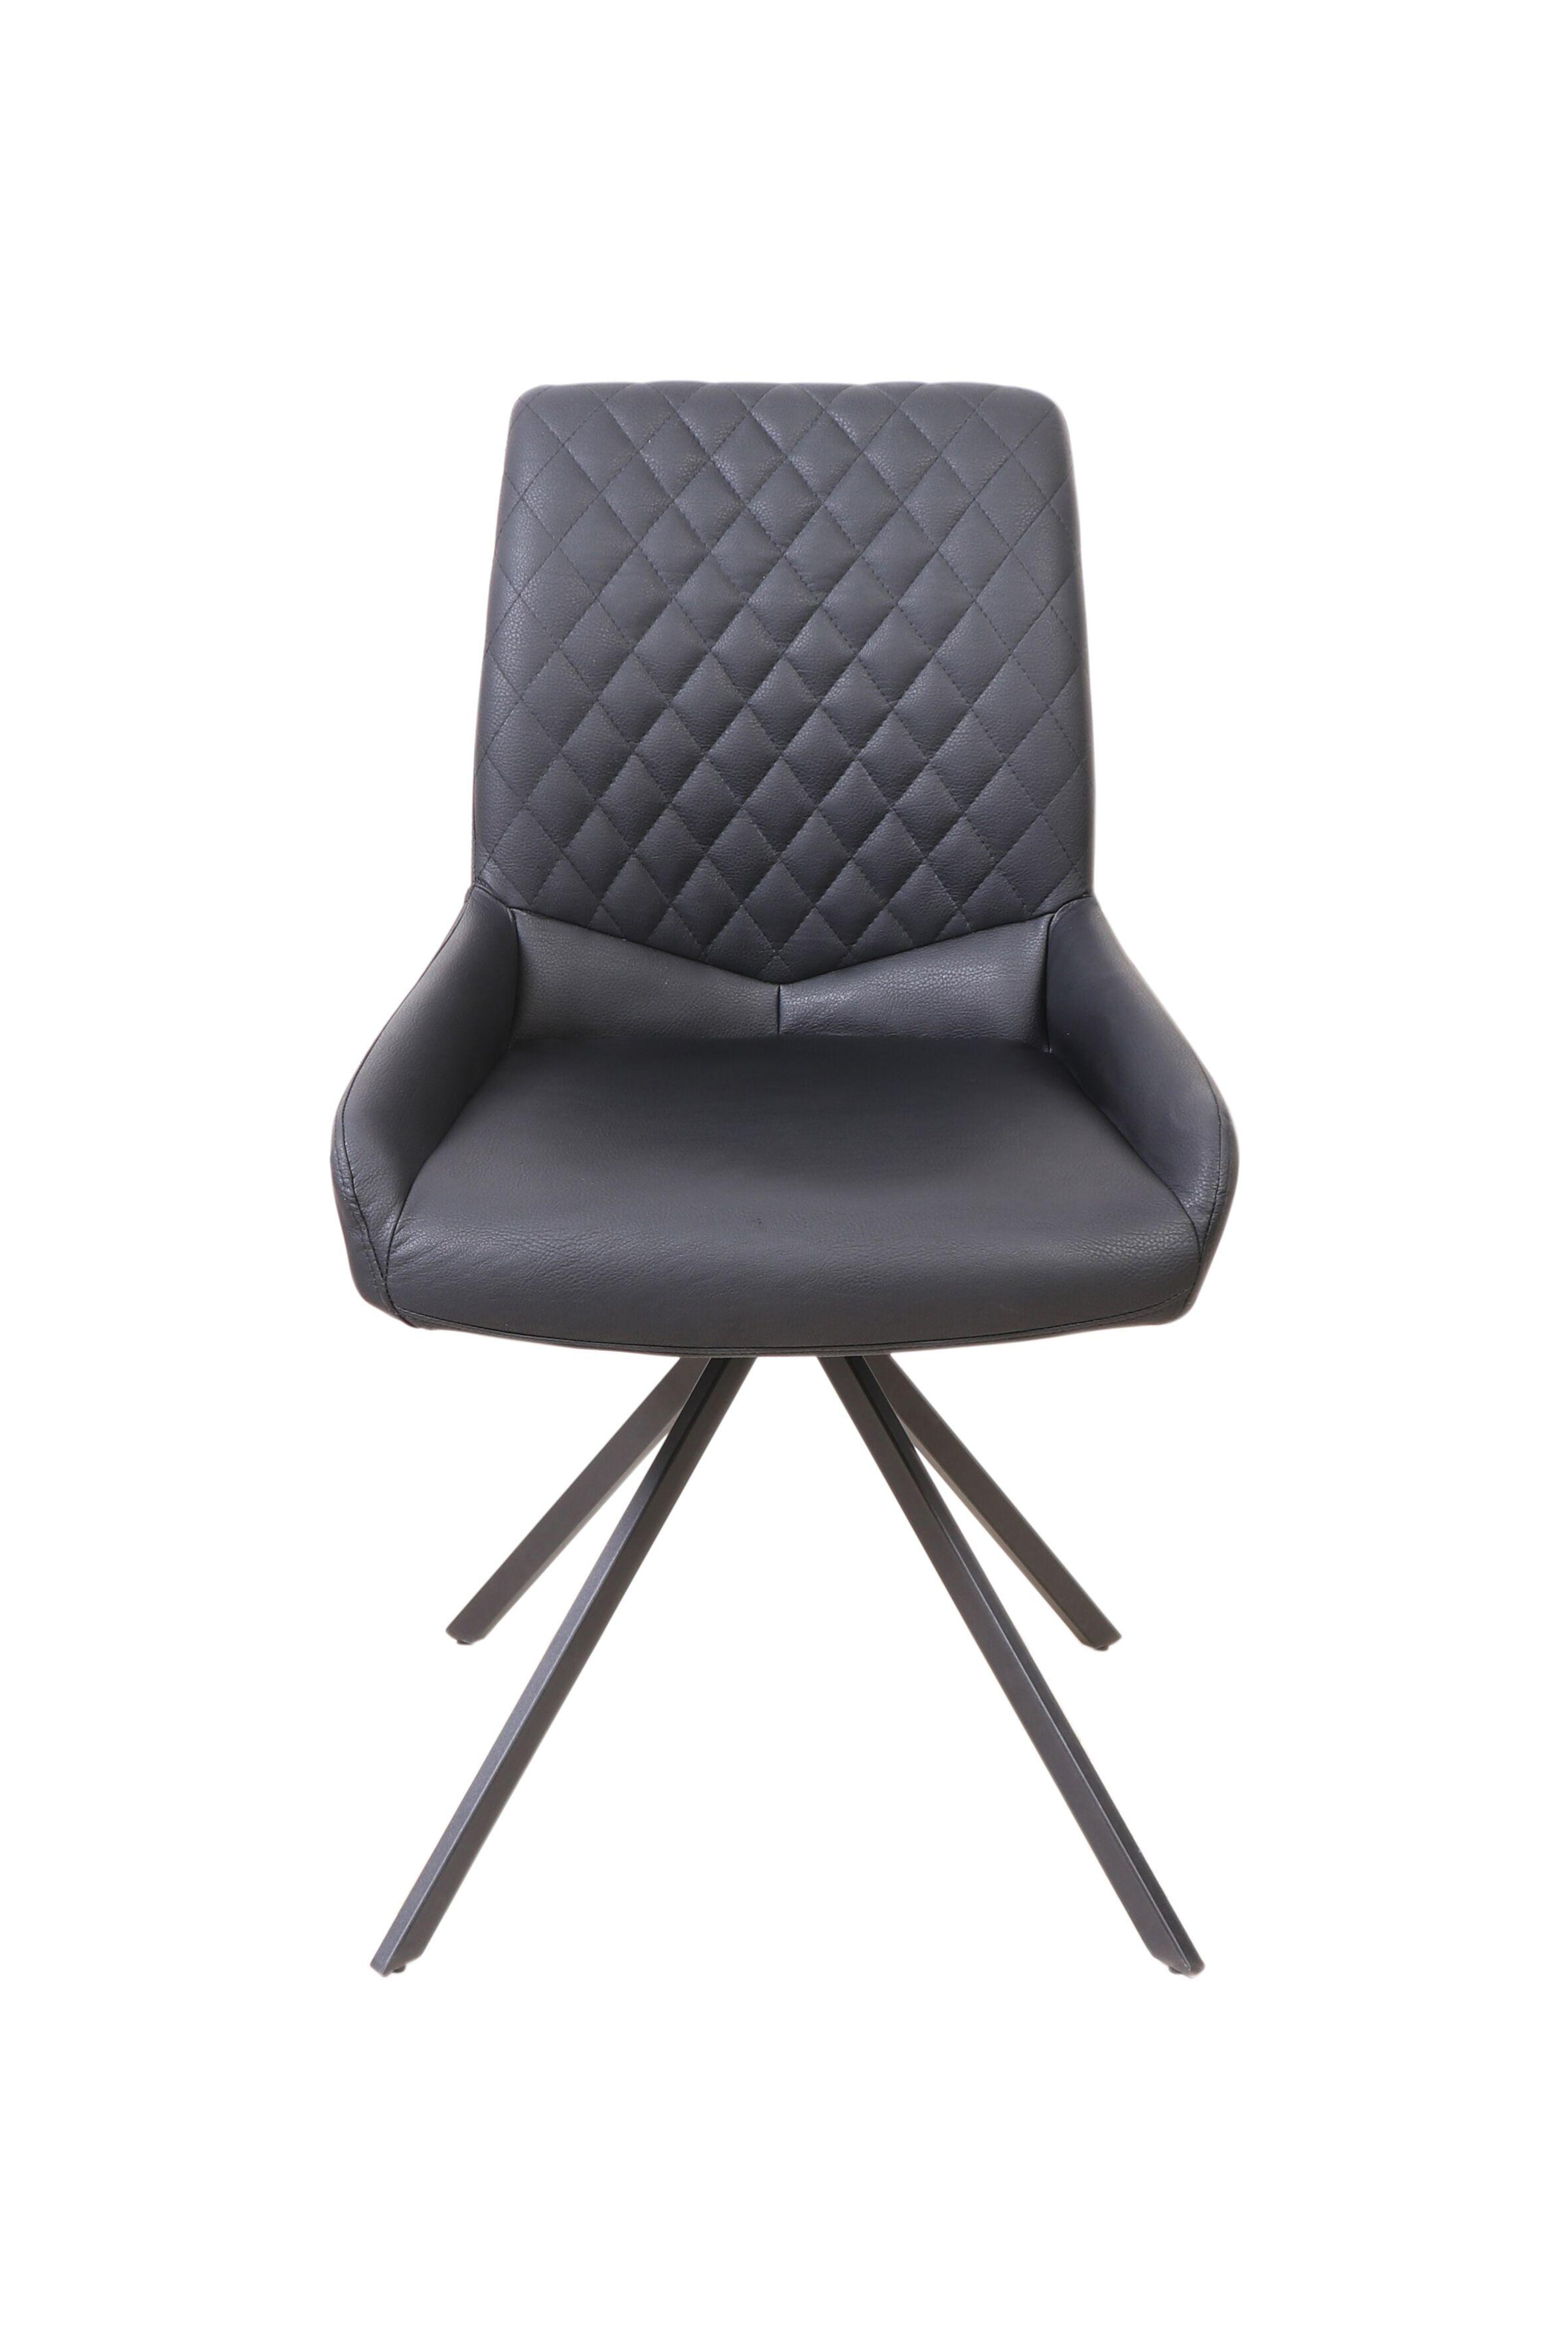 TWIN BLACK : EDA CONCEPT Collection de meubles design et